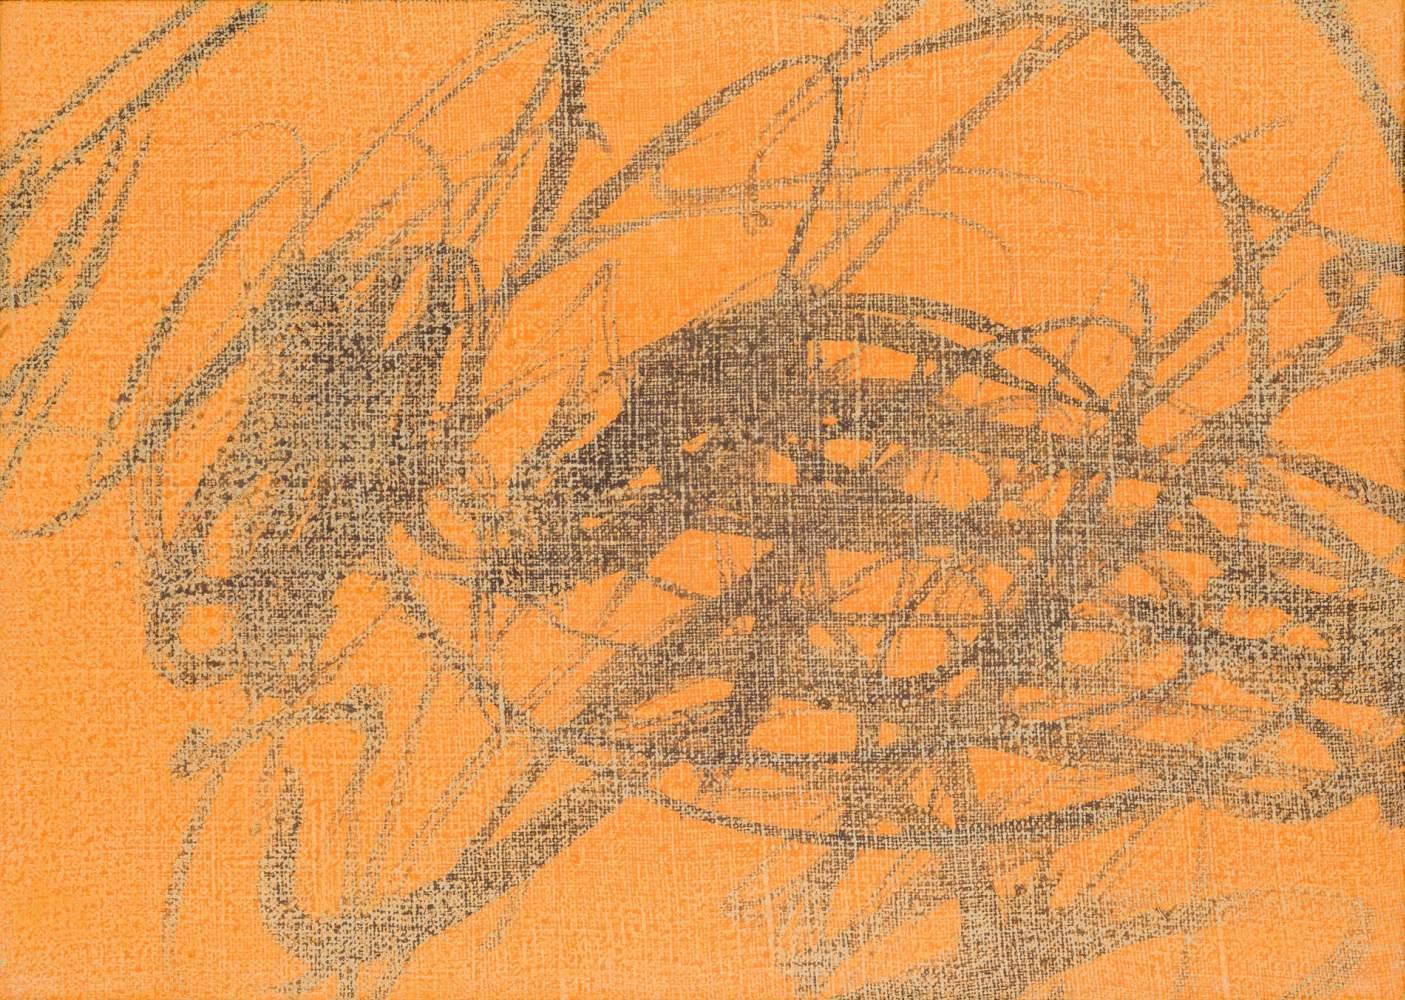 Josef Mikl (Wien 1929 - 2008 Wien)  Landschaft Öl auf Leinwand 25 x 35 cm 1963 rückseitig am